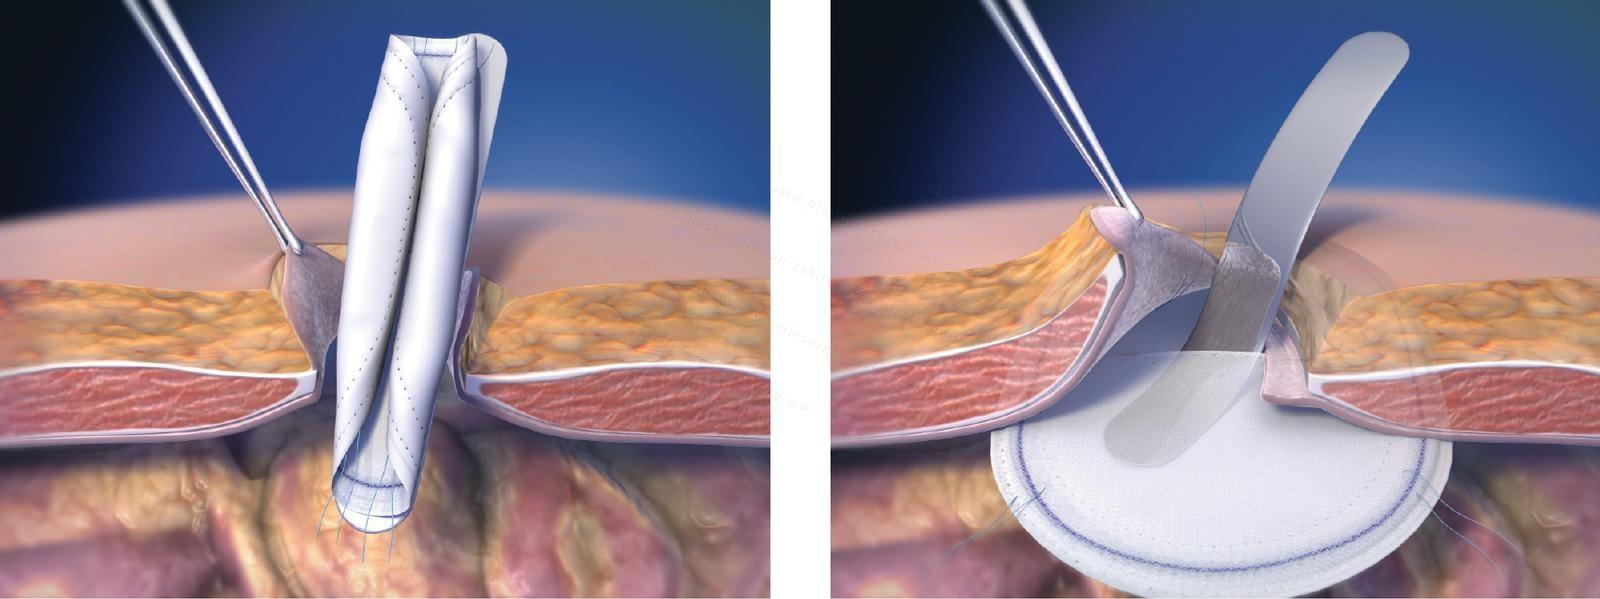 Способ герниопластики сетчатым имплантатом вентральных грыж